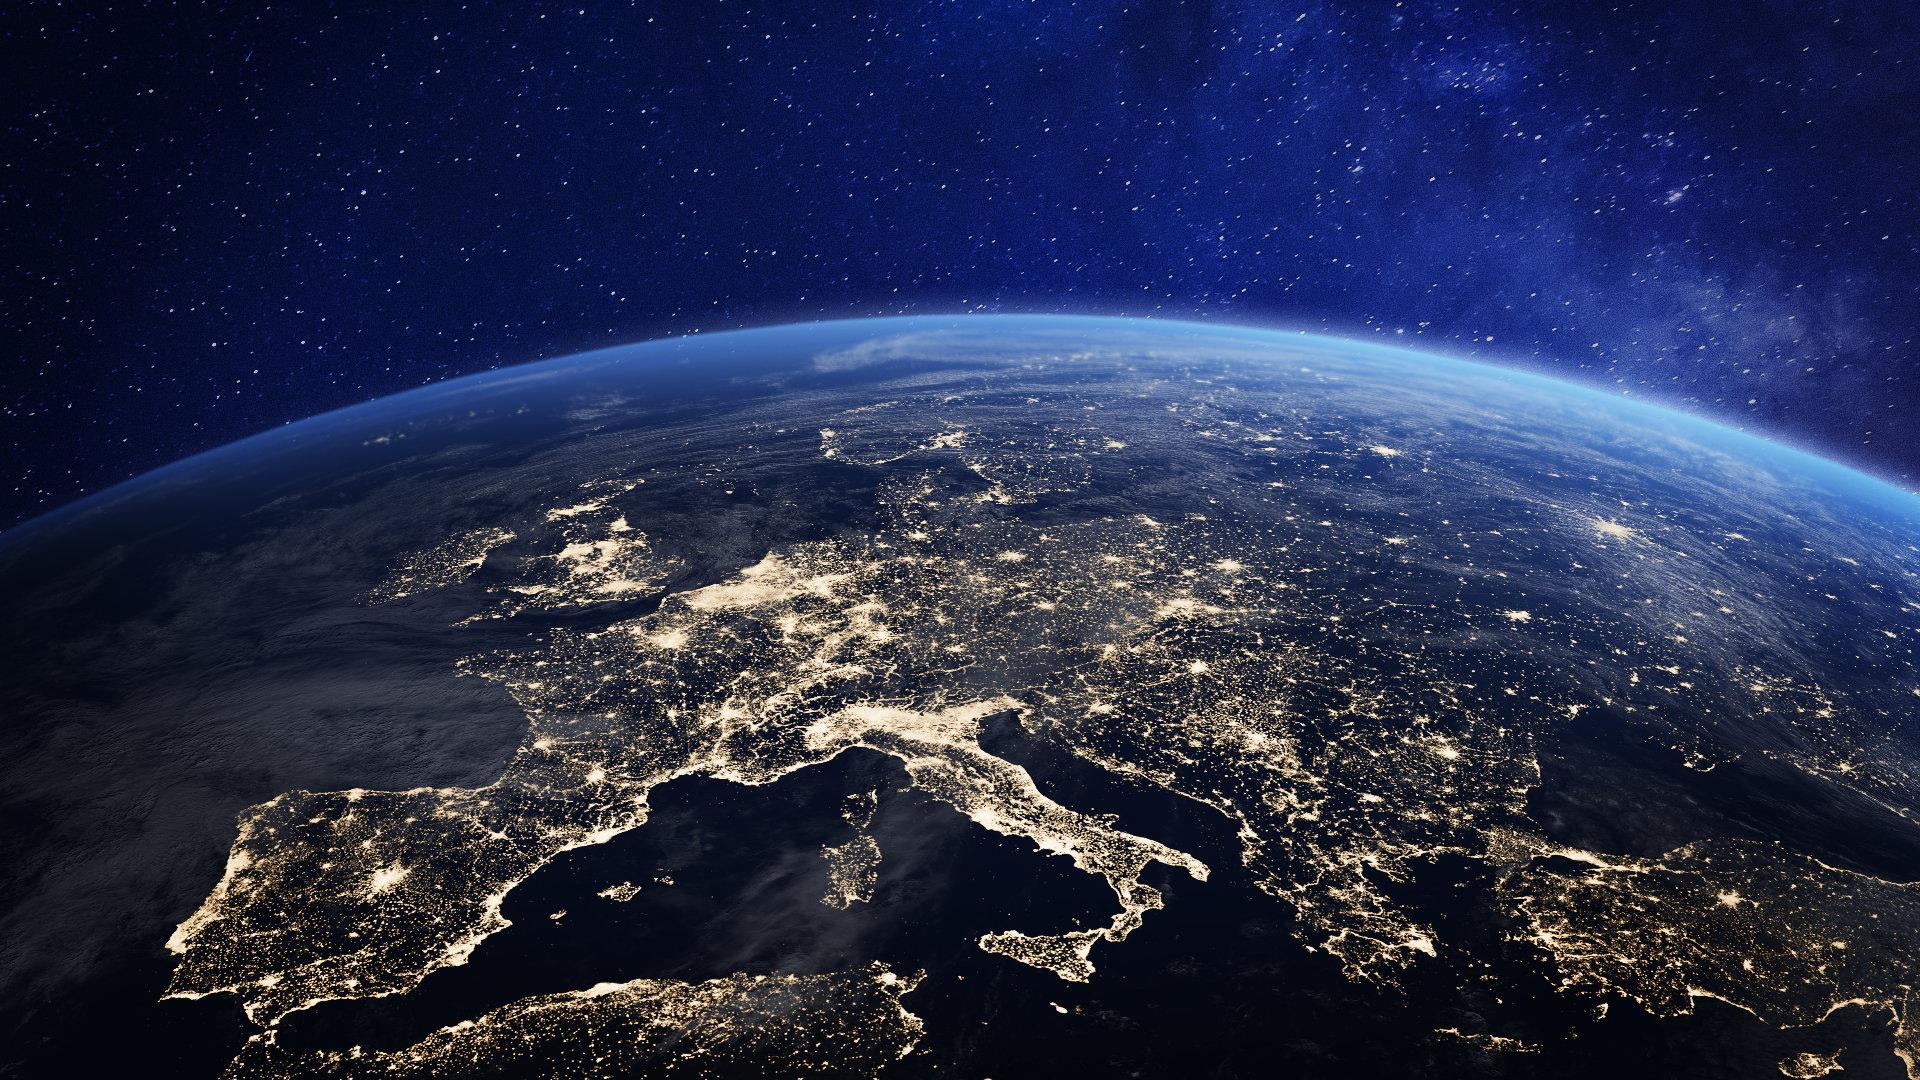 Mapy Evropy ke stažení – Výběr nejlepších map